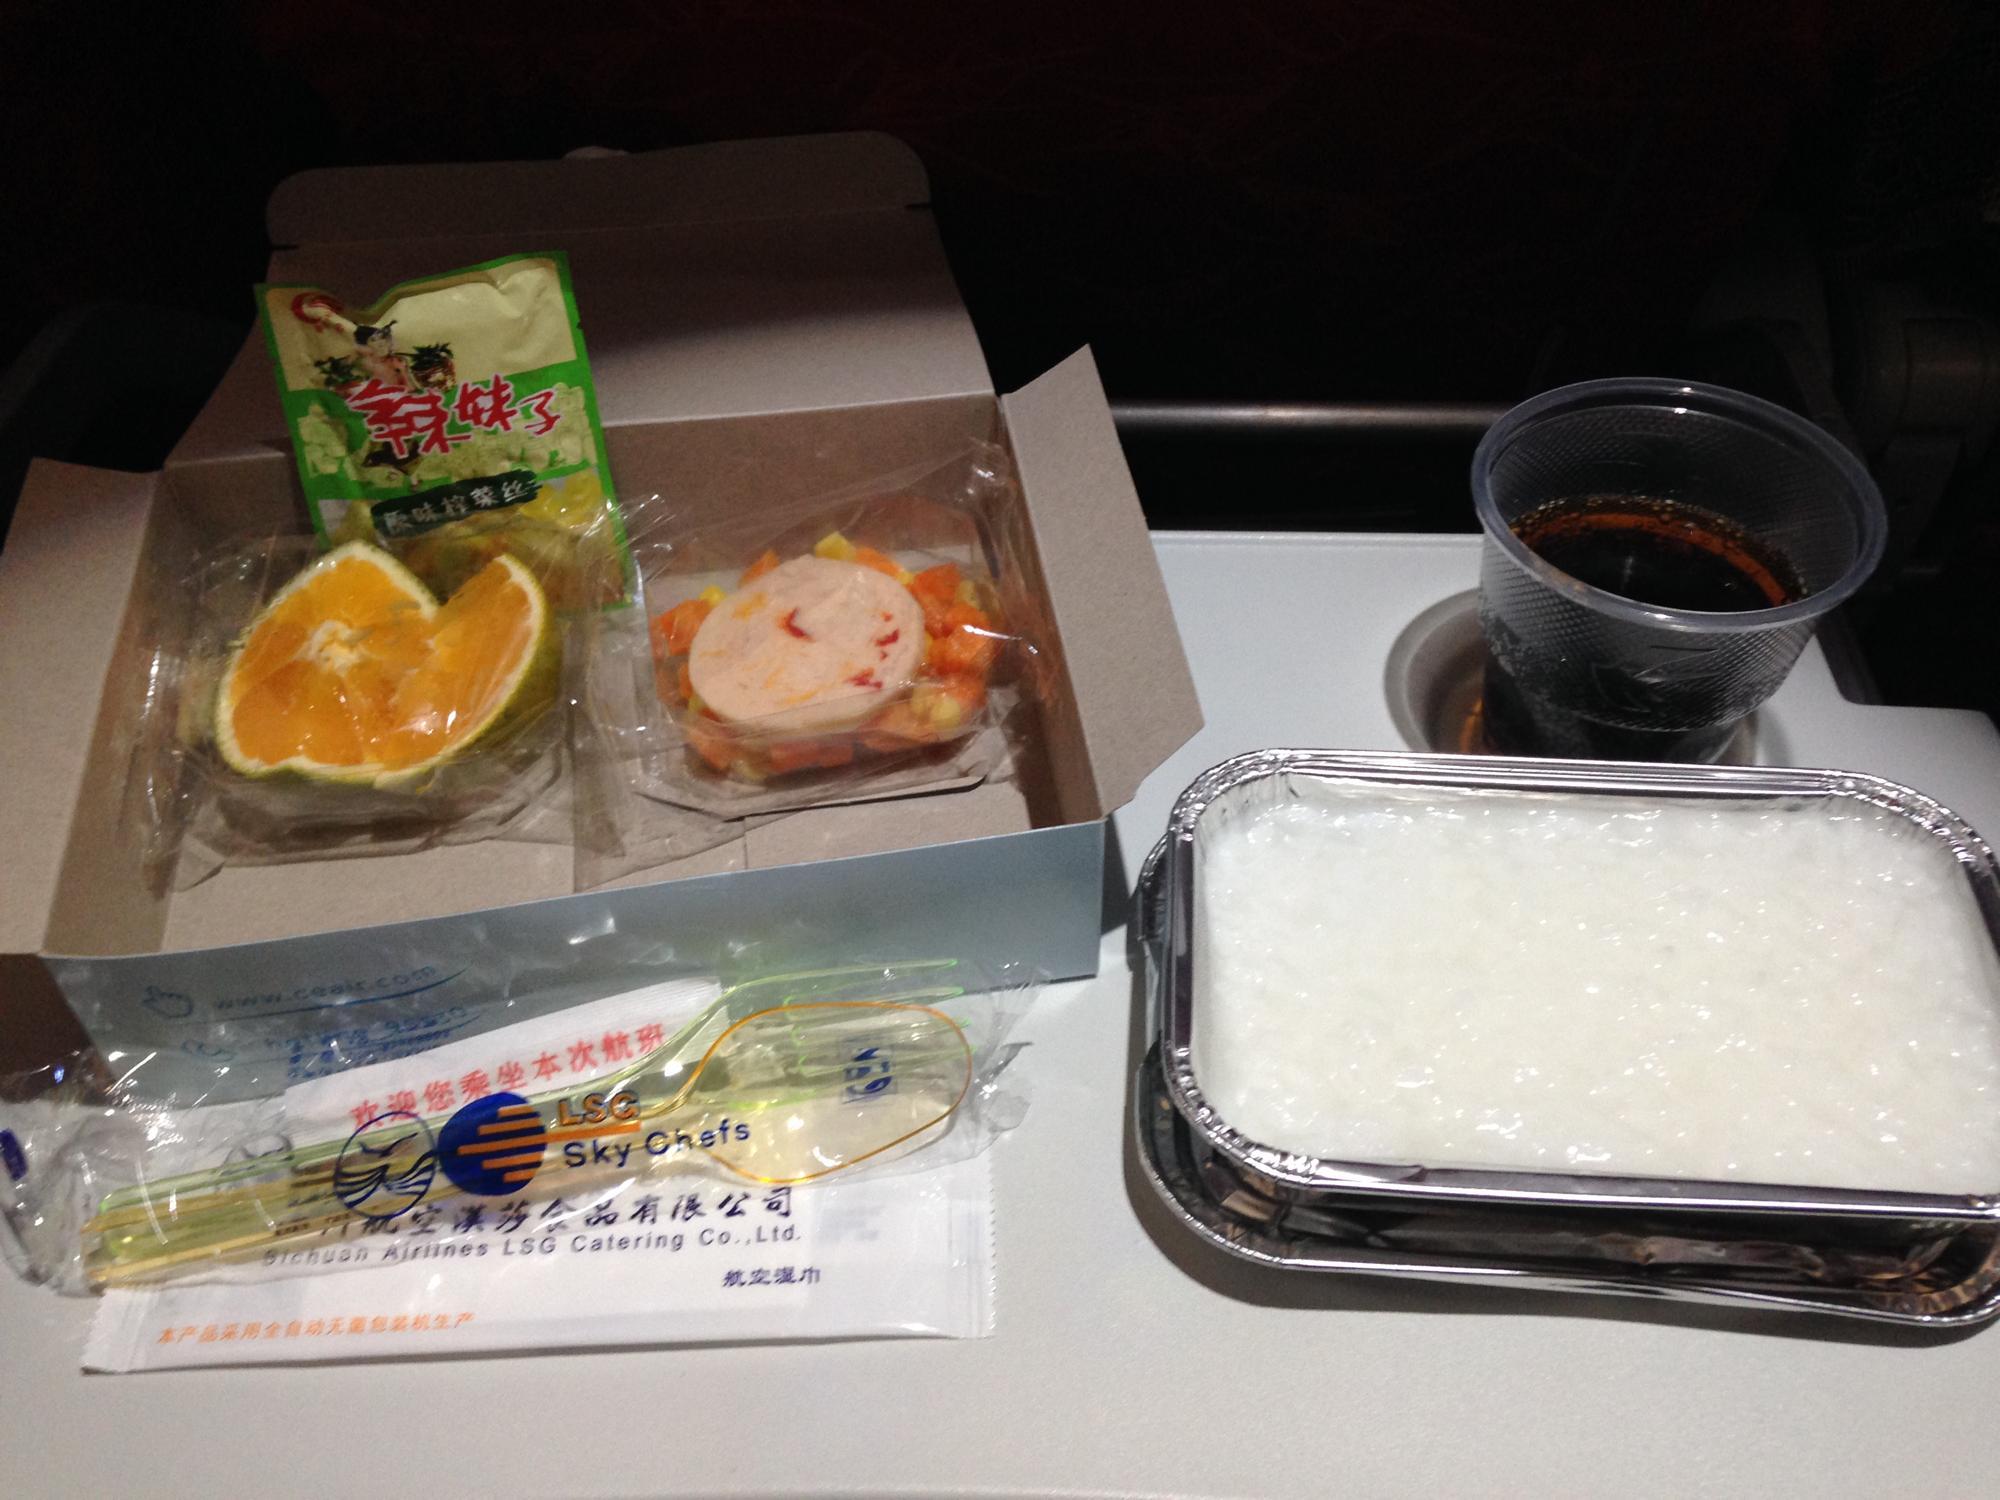 機内食 成都 上海